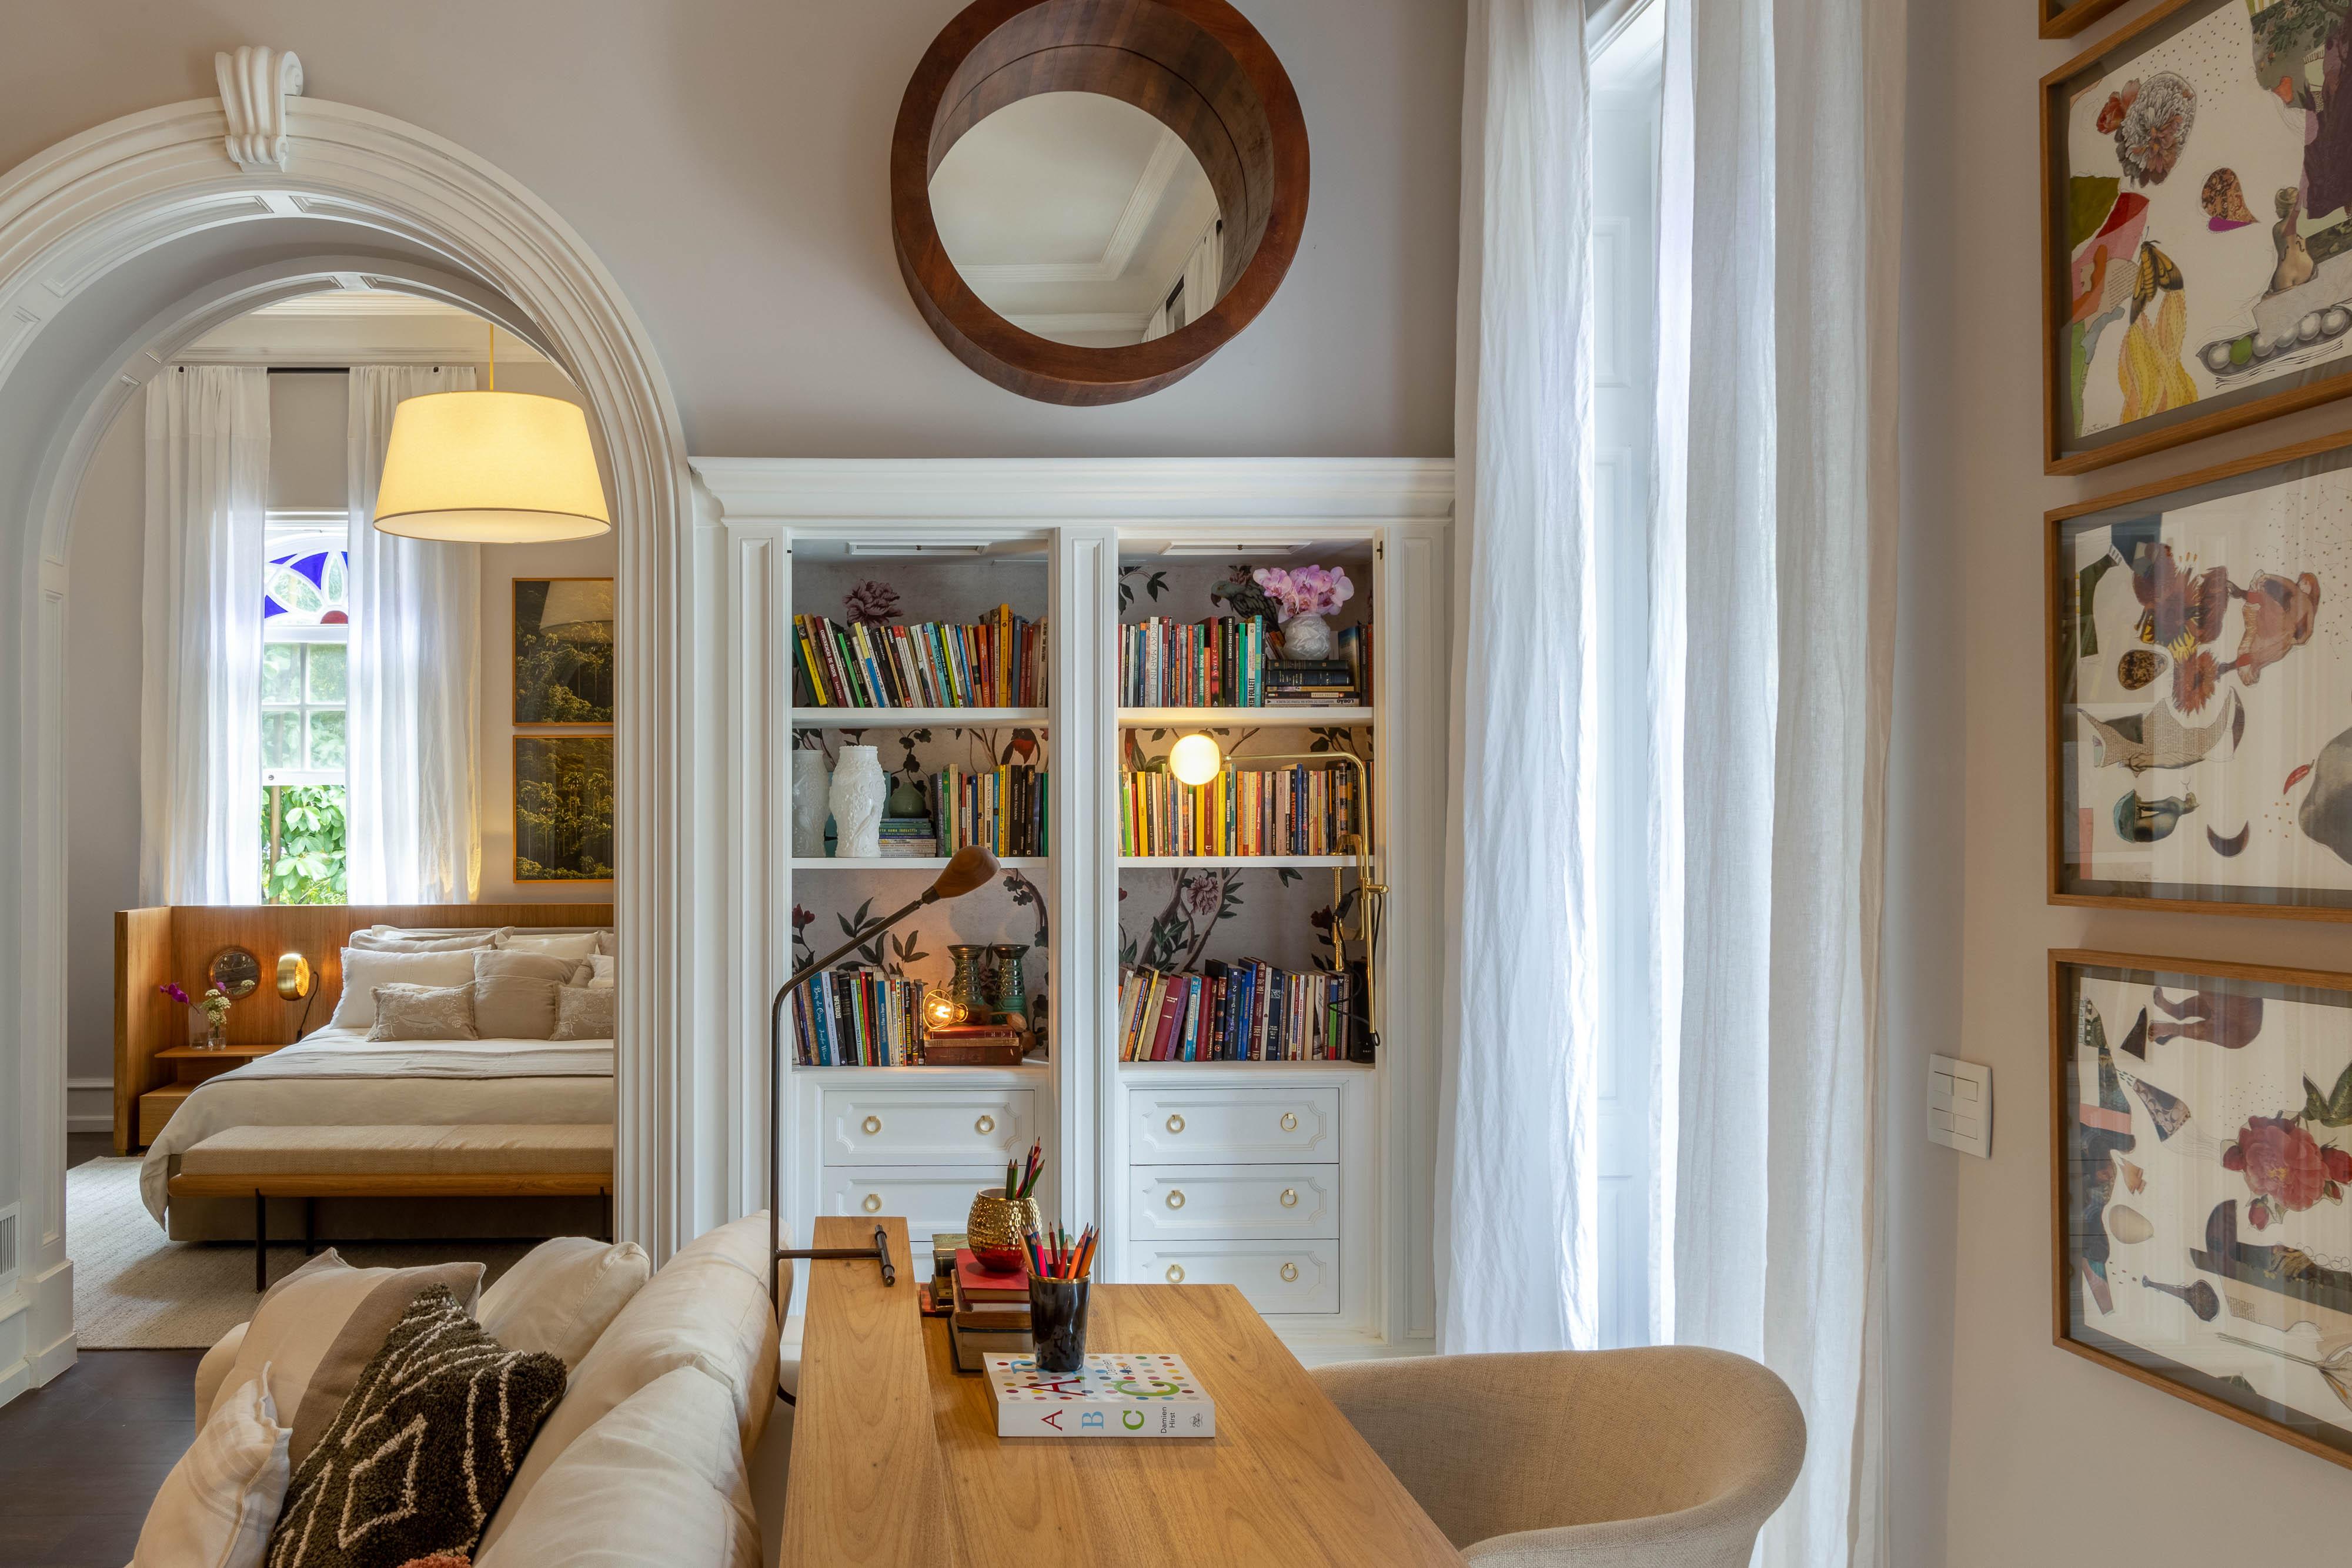 Quarto com prateleira com livros, escrivaninha, sofá e cama ao fundo